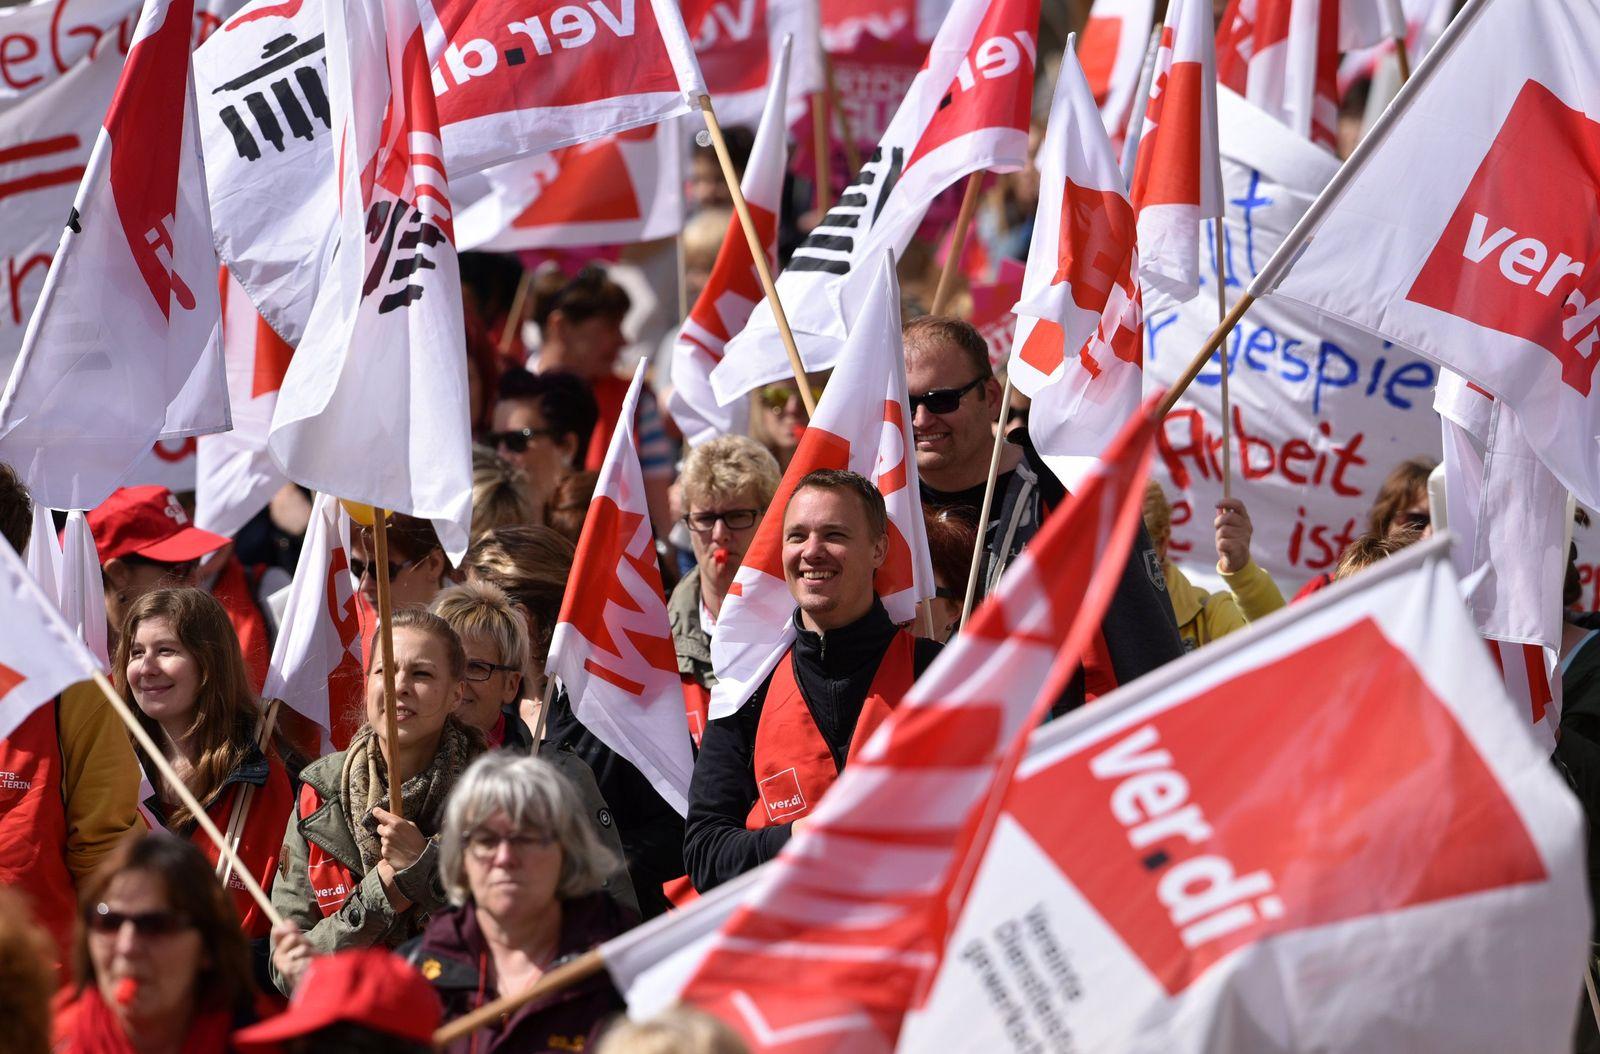 Streiks in Kindergärten - Brandenburg